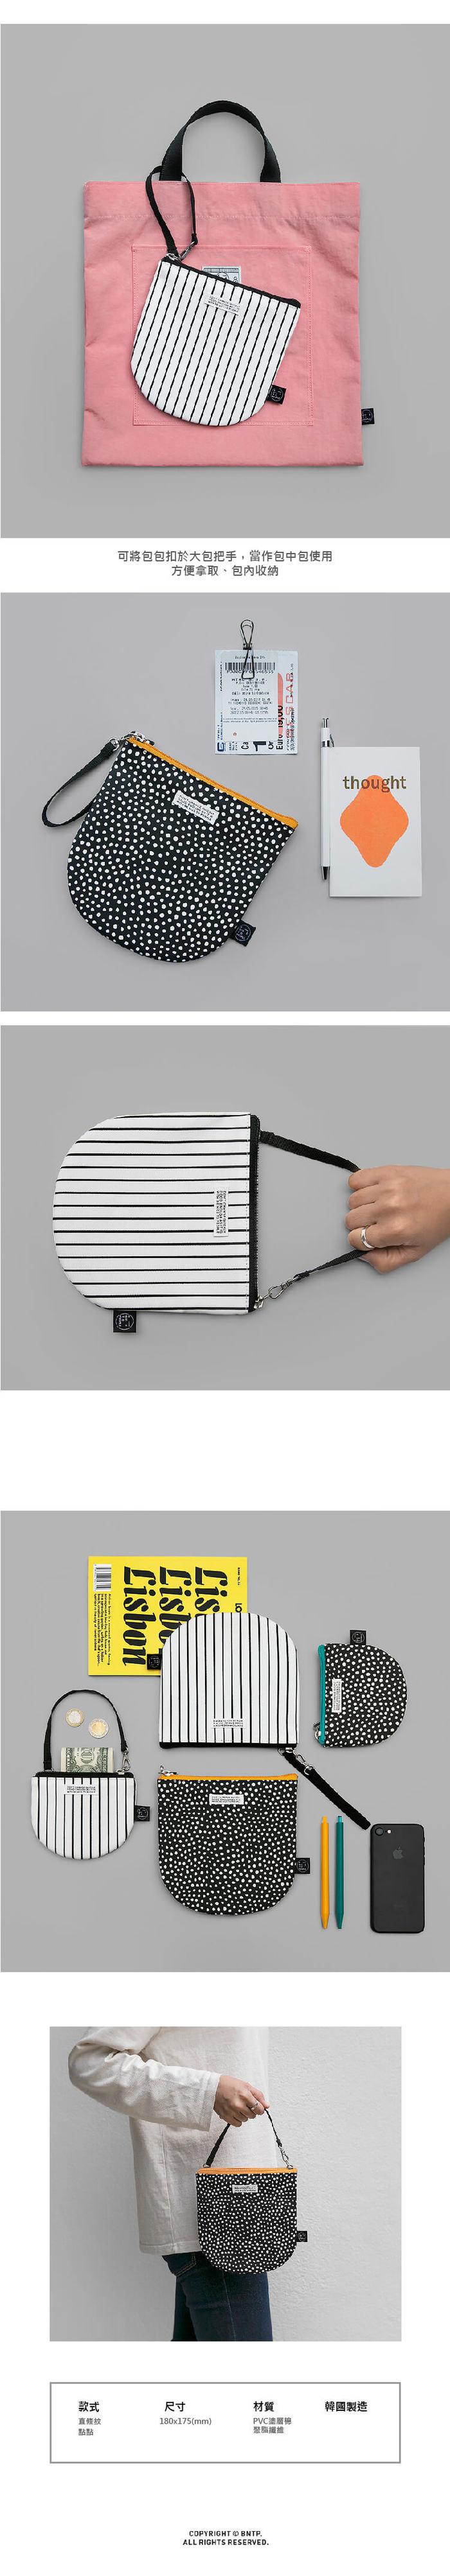 BNTP | 復古半圓手拿袋(M)